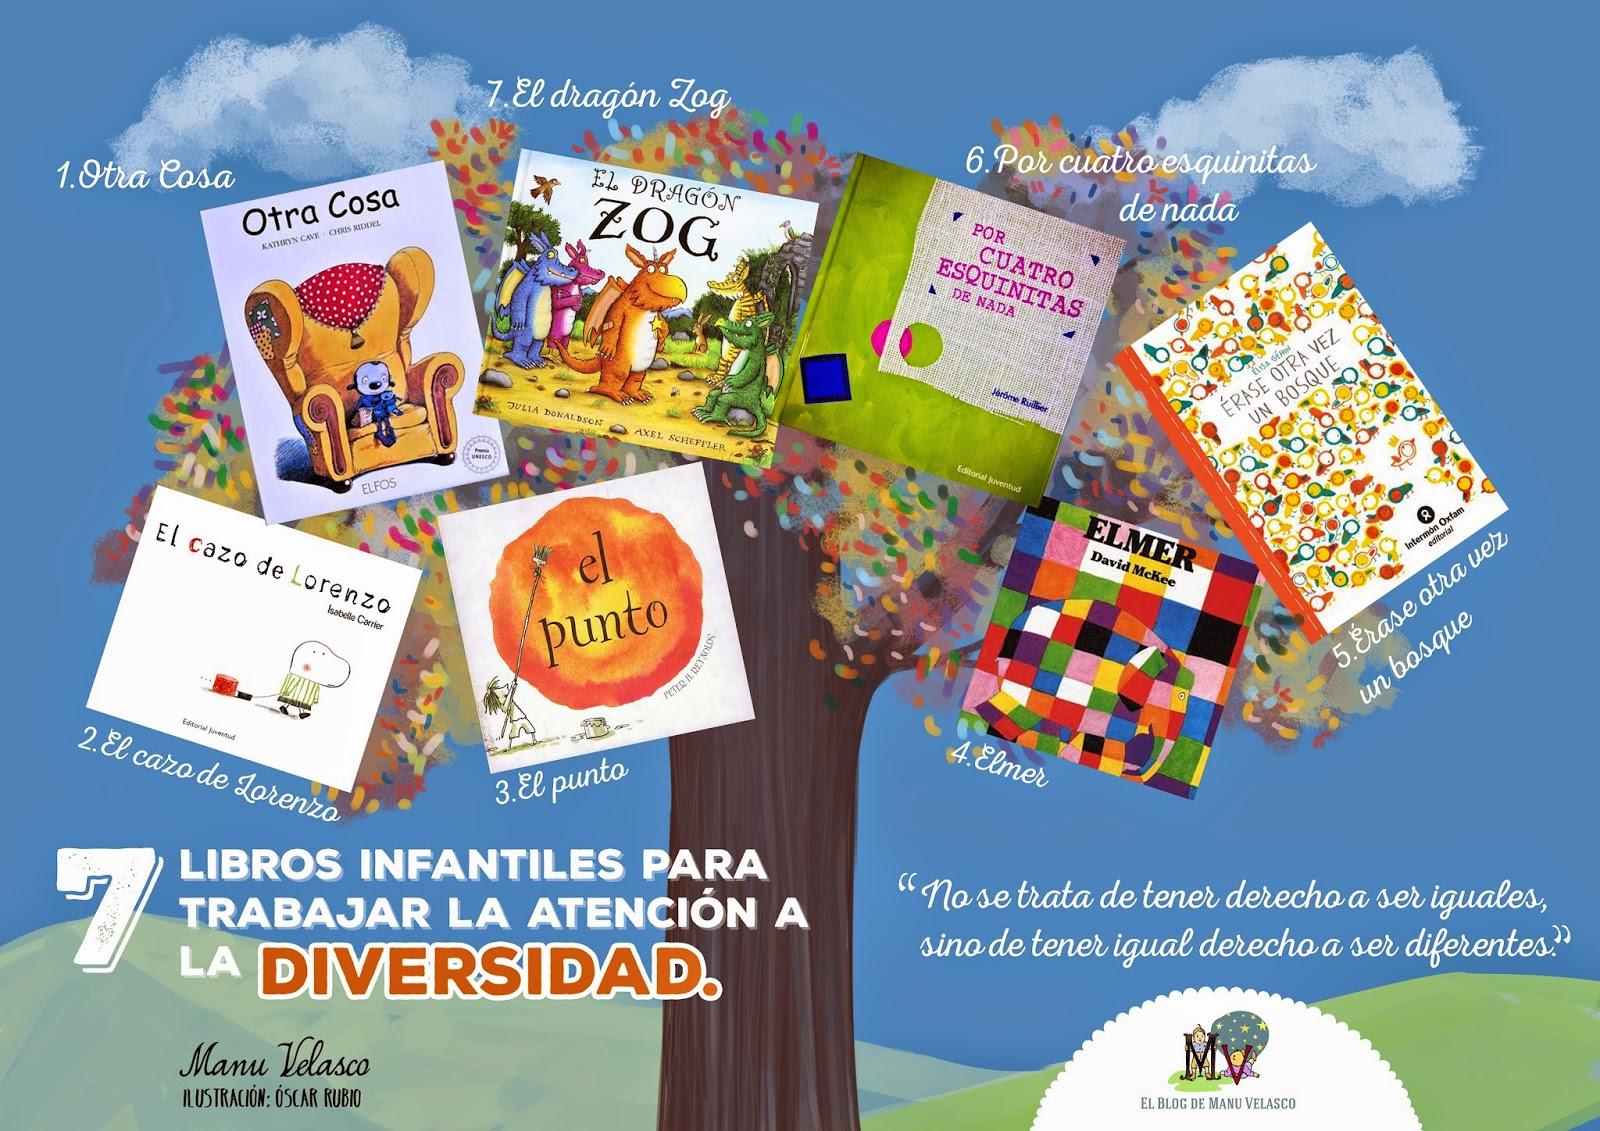 7 libros infantiles para trabajar la atención a la diversidad